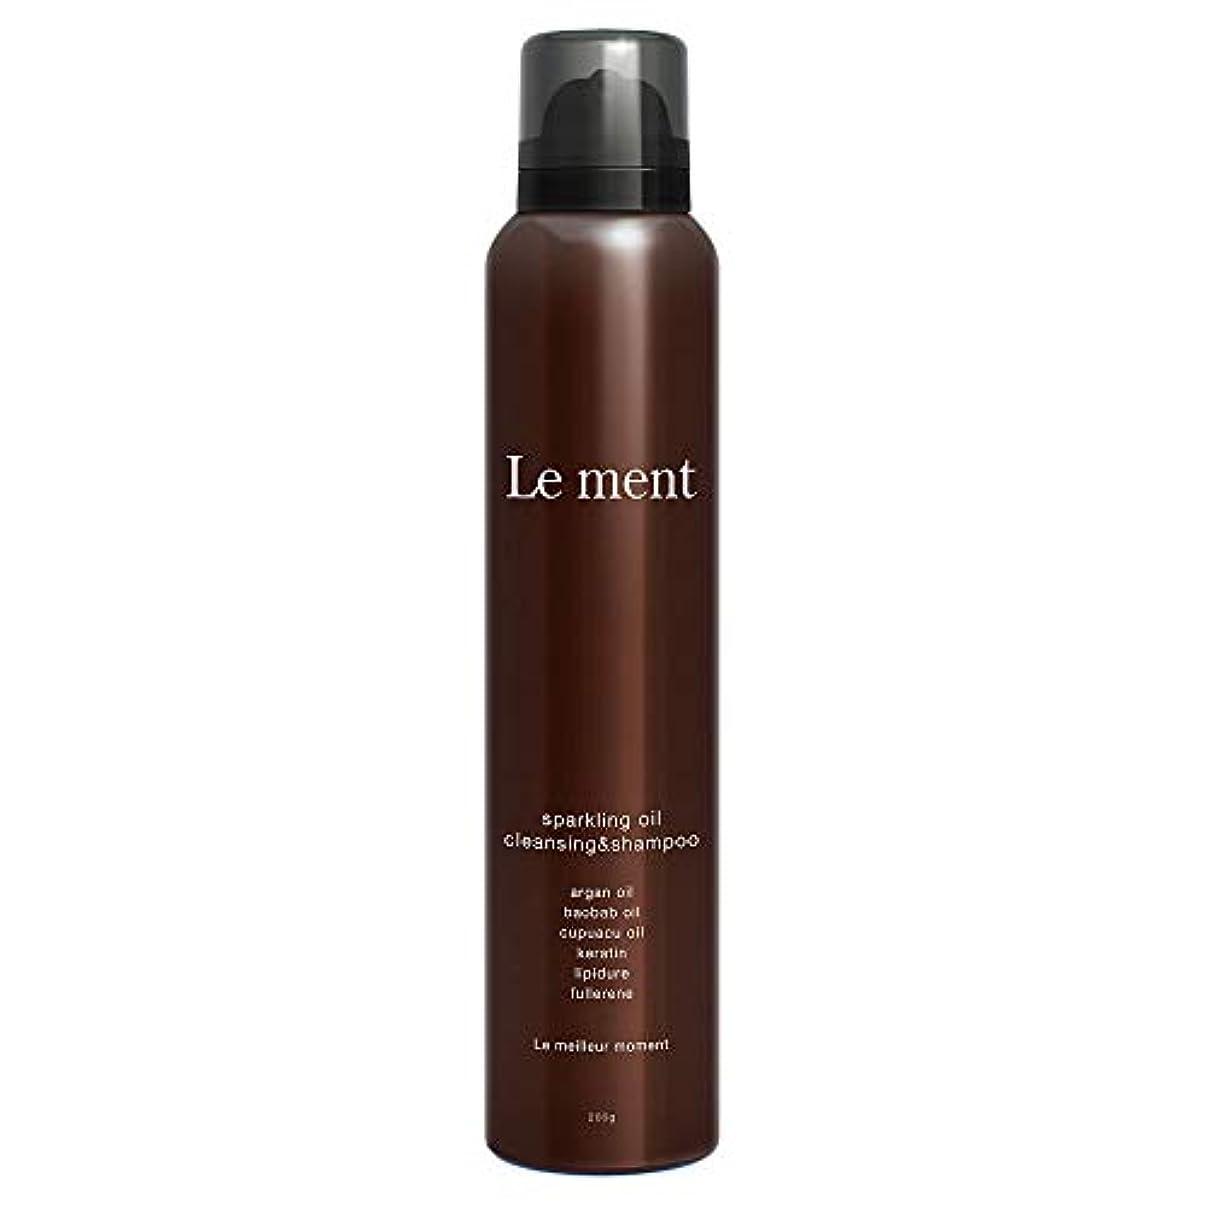 とは異なり流星歴史的Le ment -sparkling oil cleansing & shampoo -